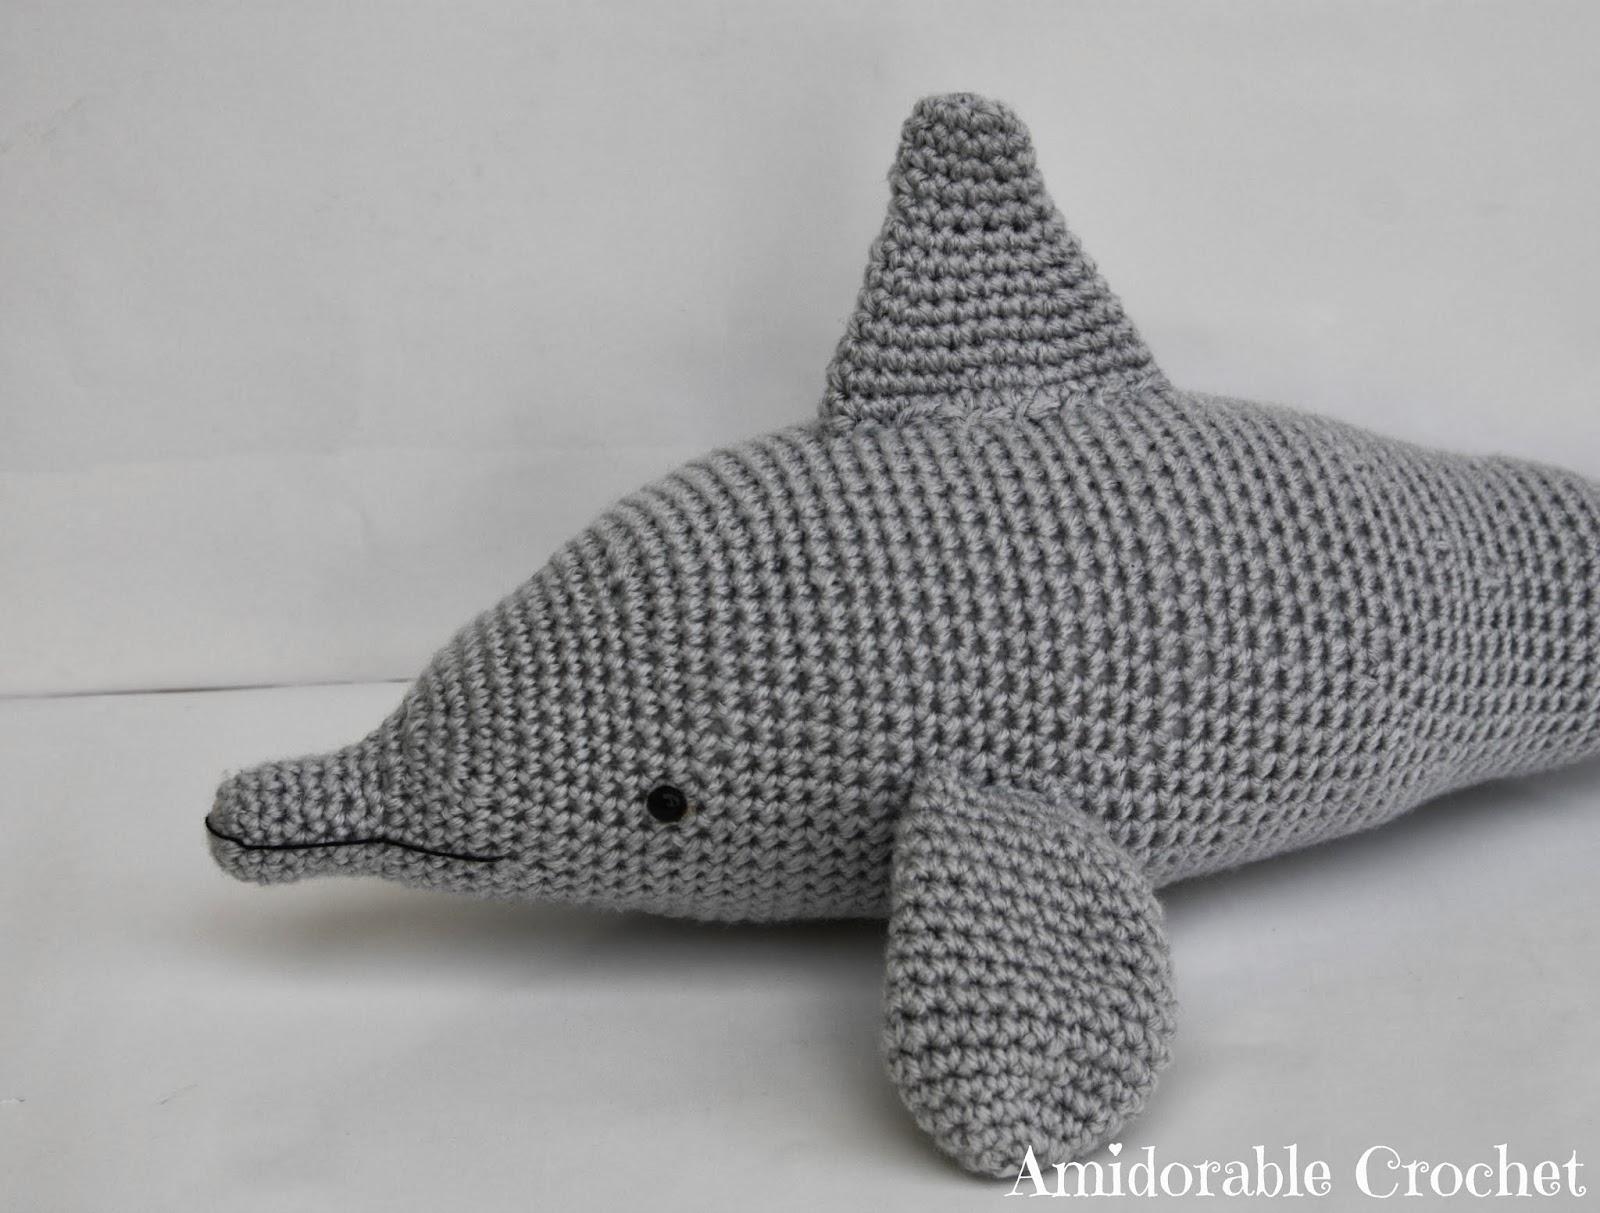 A[mi]dorable Crochet: Dolphin Pattern